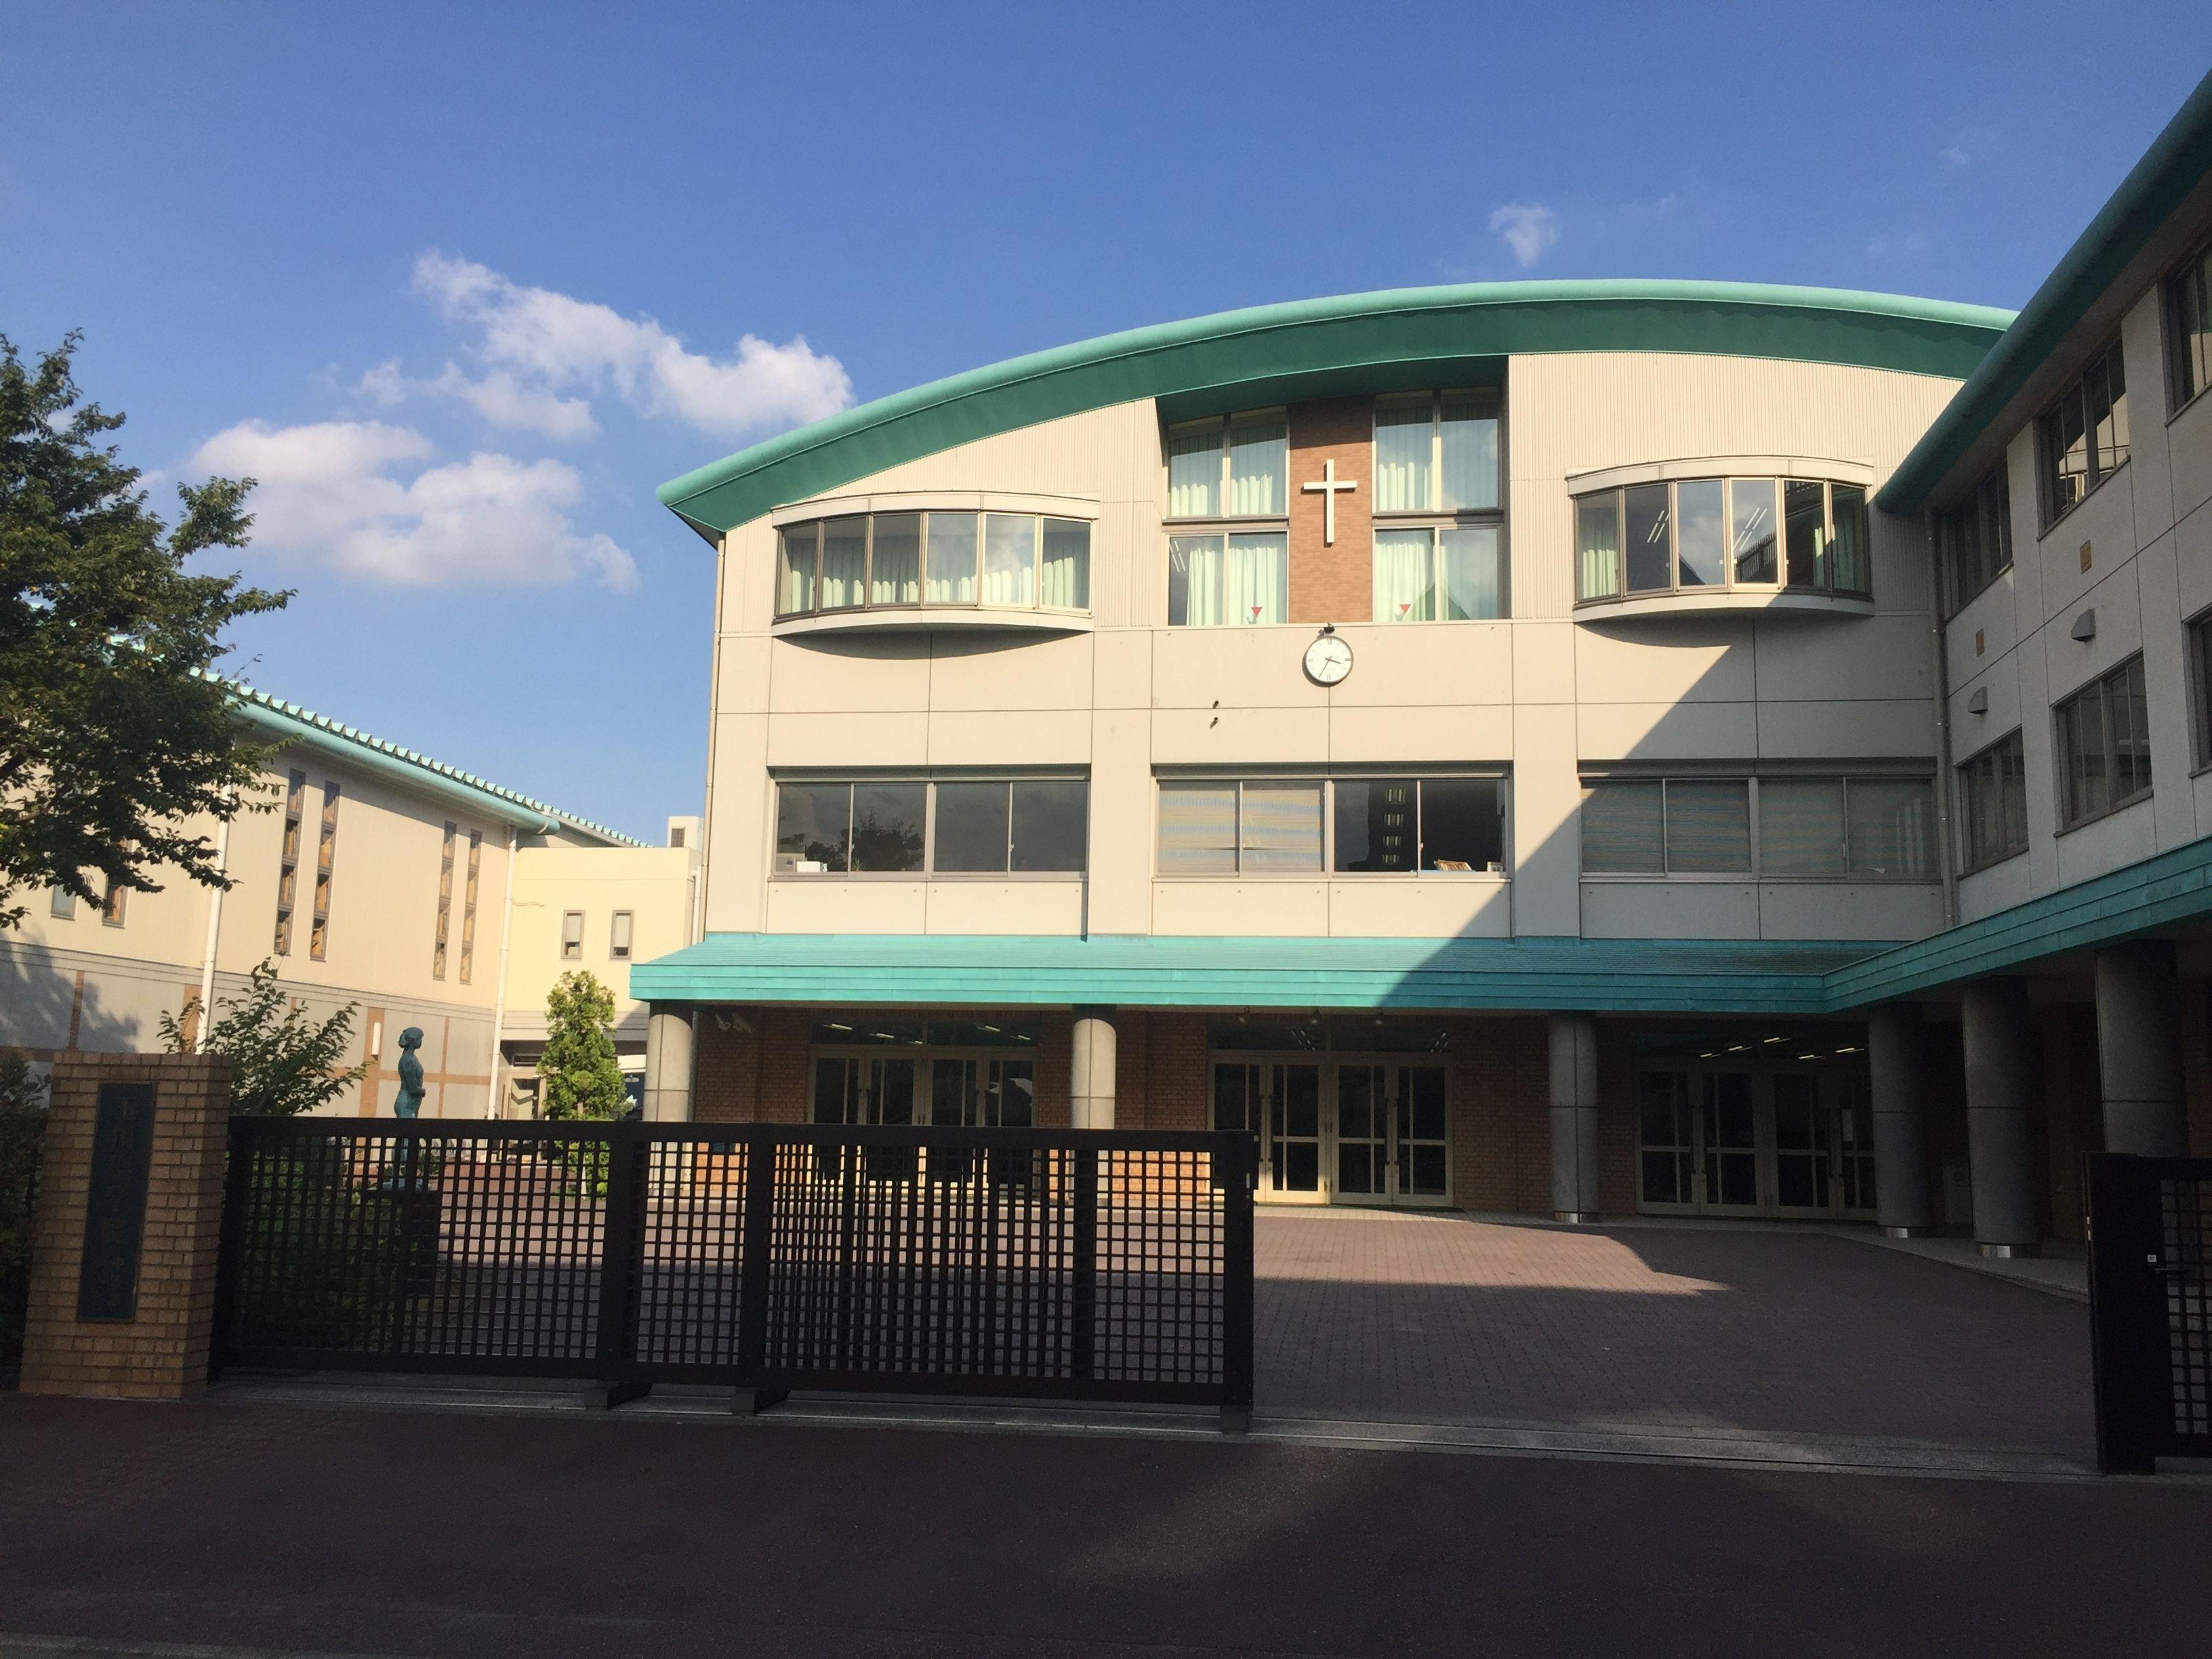 玉川聖学院高等部(東京都)の評判 | みんなの高校情報